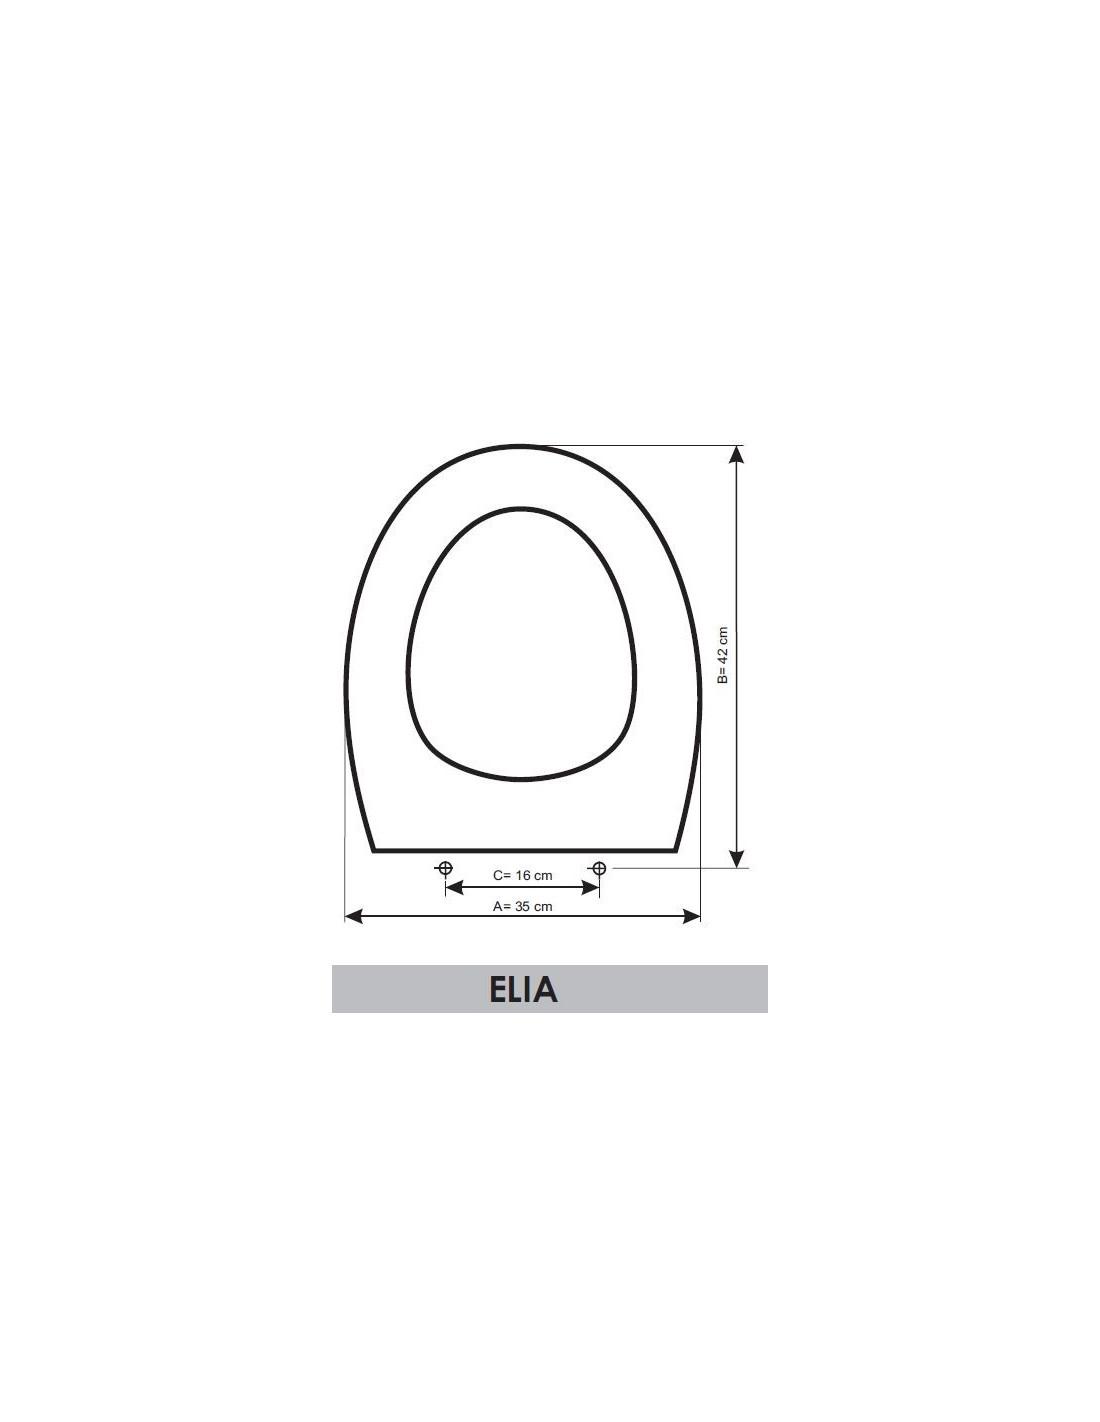 Tapa wc gala elia adaptable en resiwood for Tapa wc gala